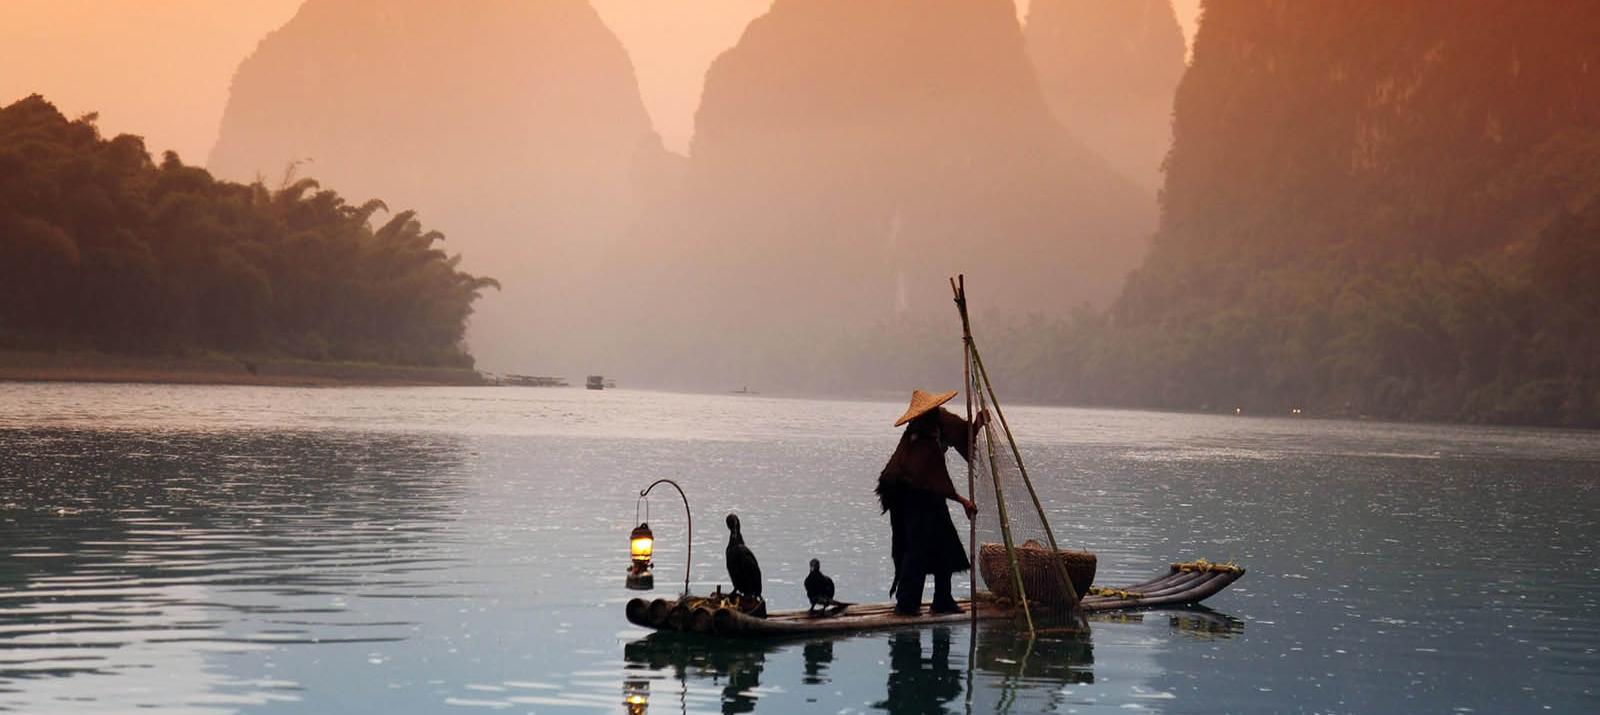 man fishing yangshuo guangxi china